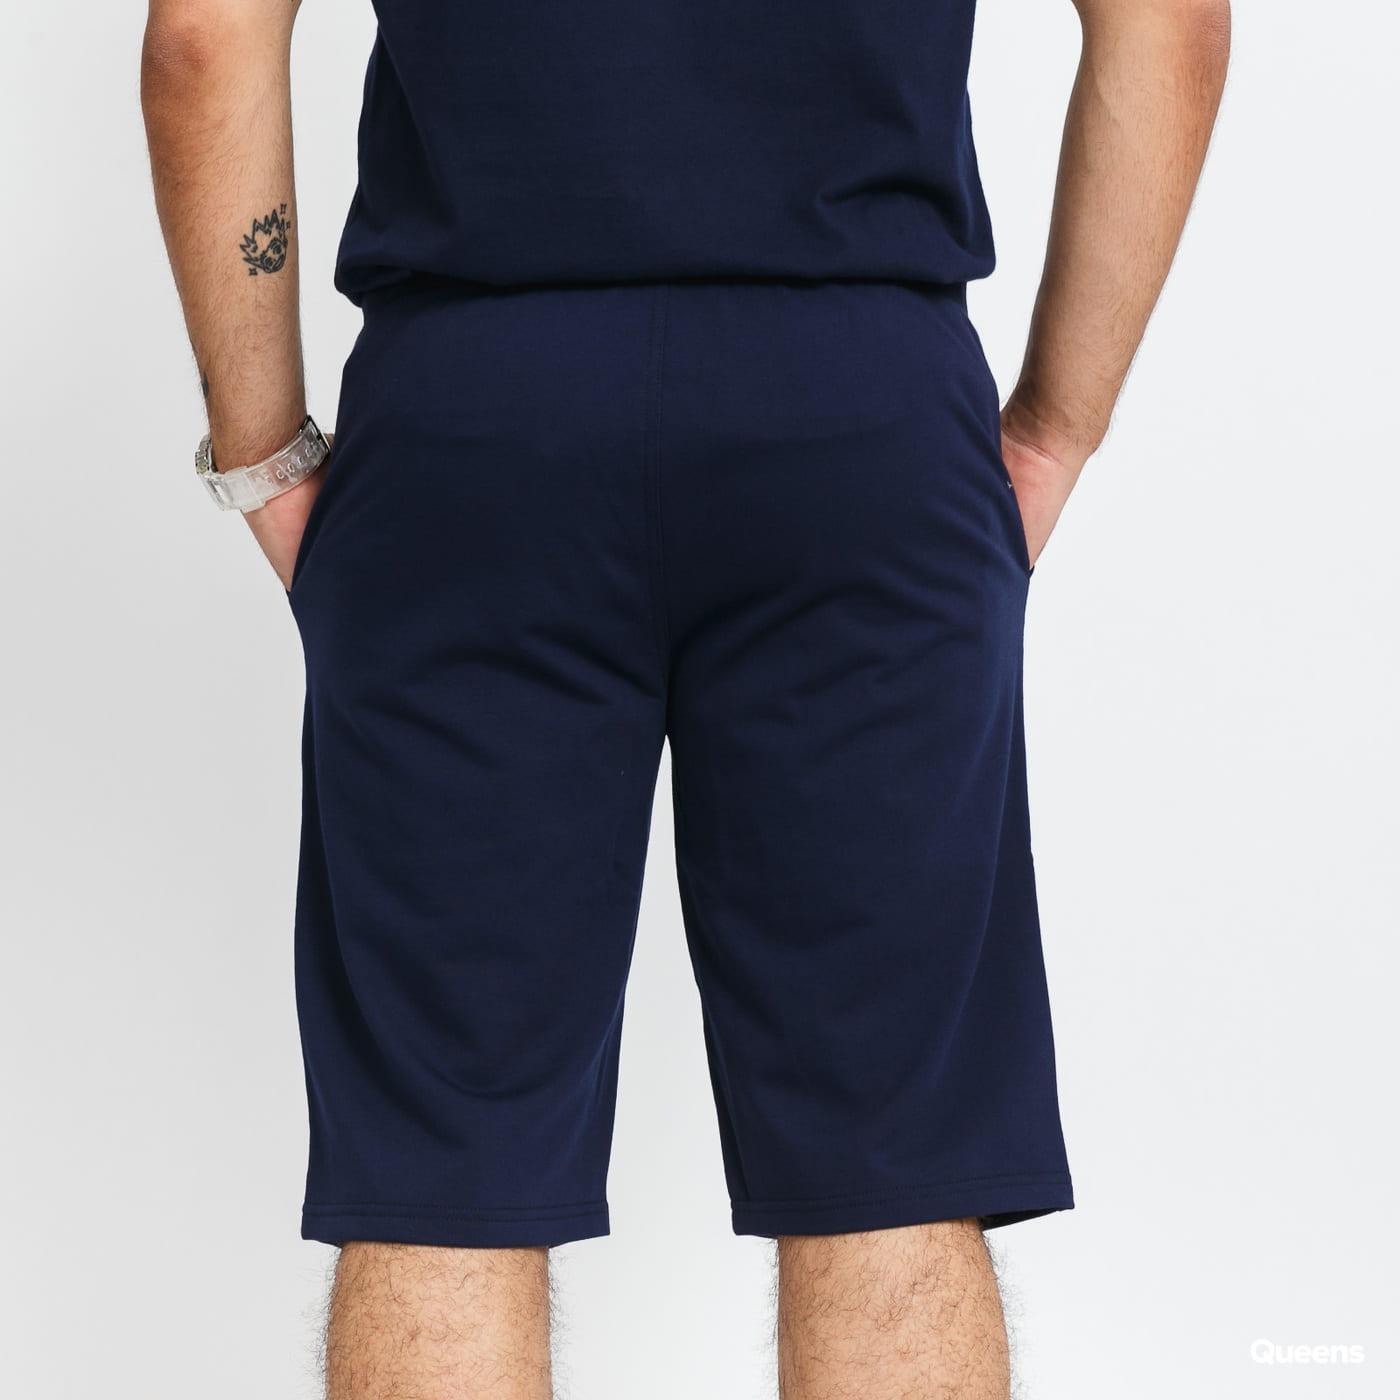 Polo Ralph Lauren Slim Short navy